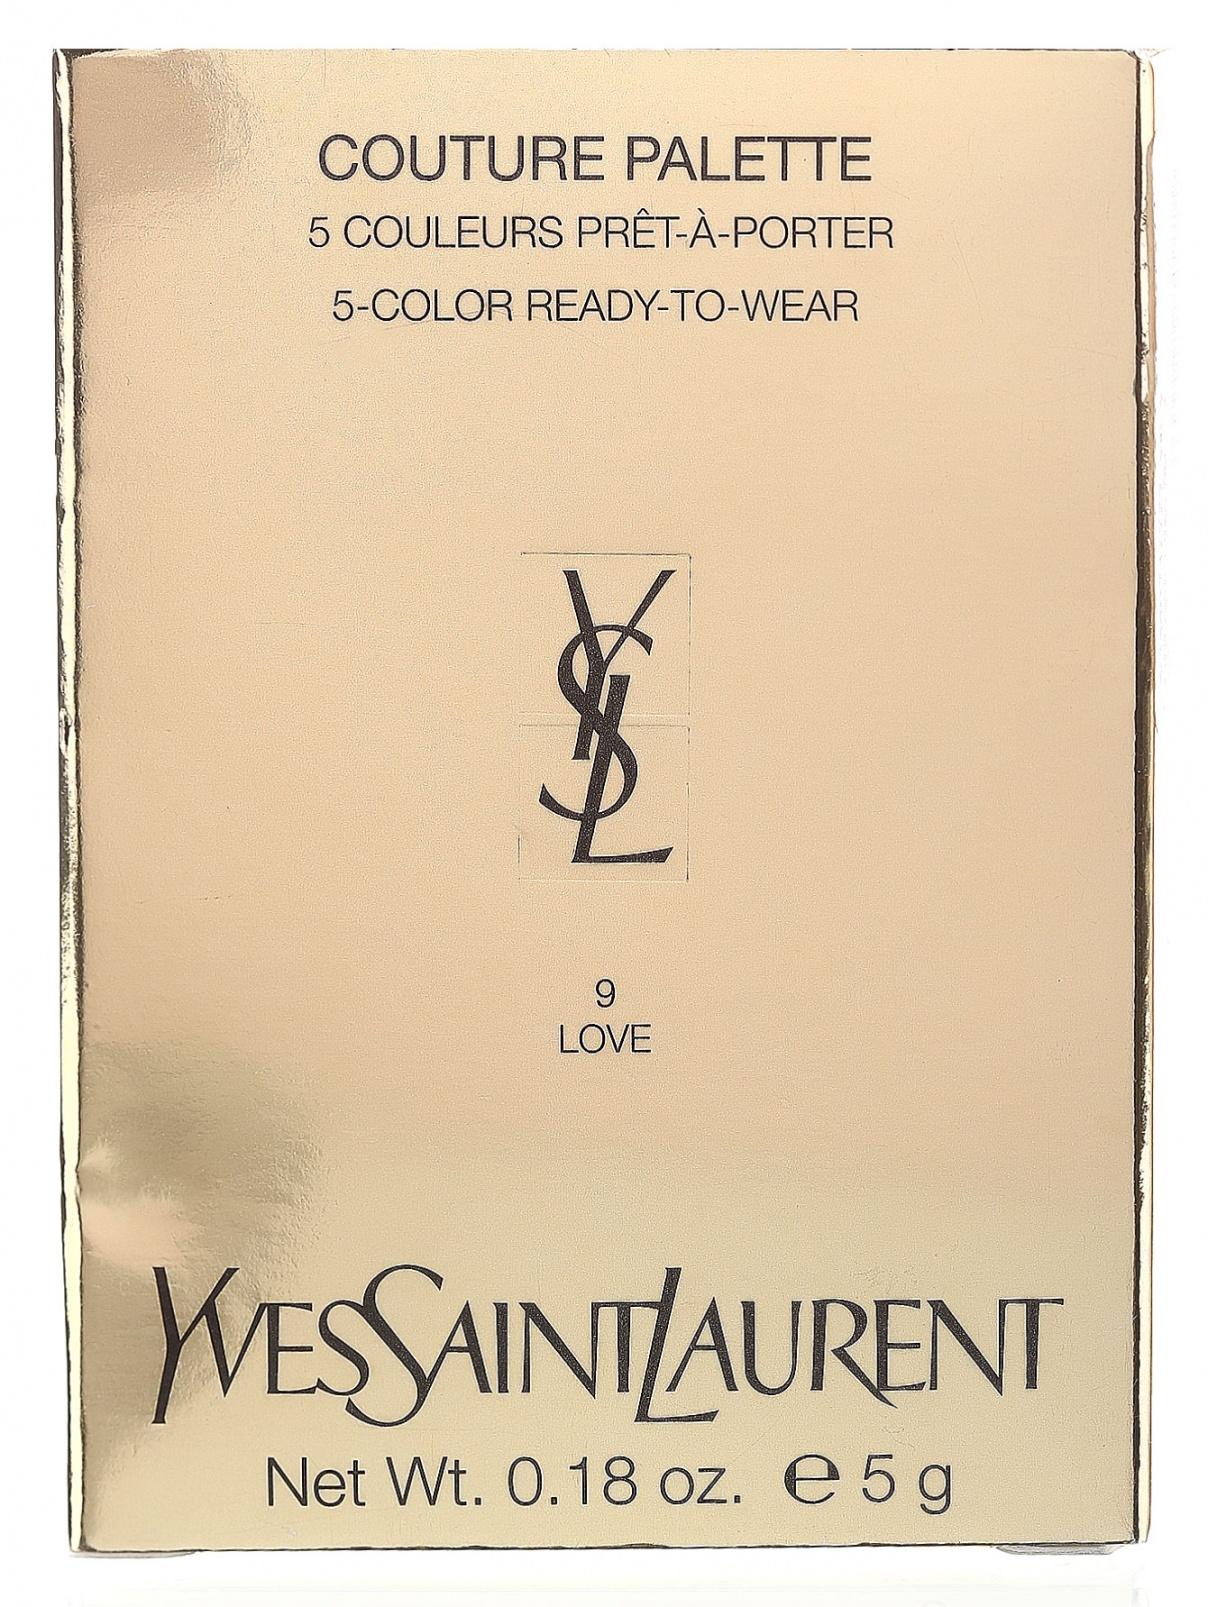 Тени для глаз - №09, Couture palette YSL  –  Модель Общий вид